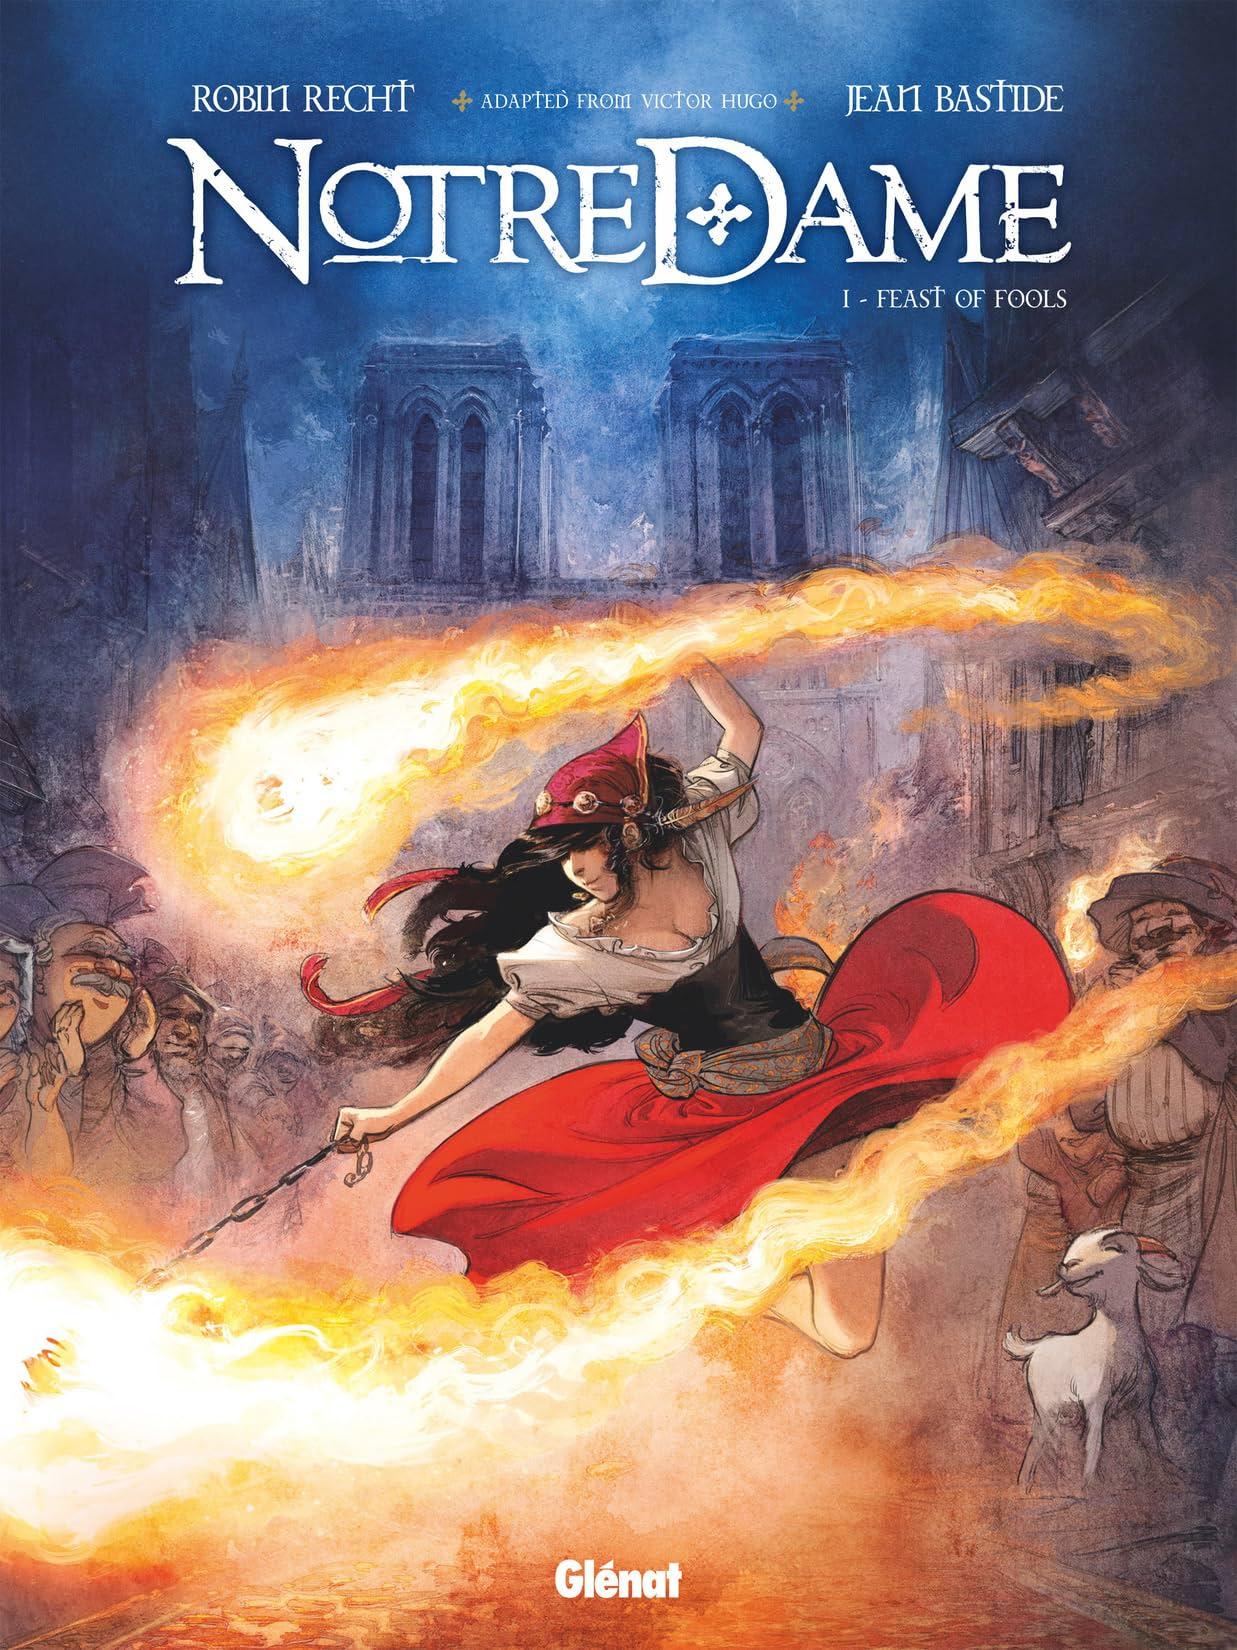 Notre Dame Vol. 1: Feast of Fools